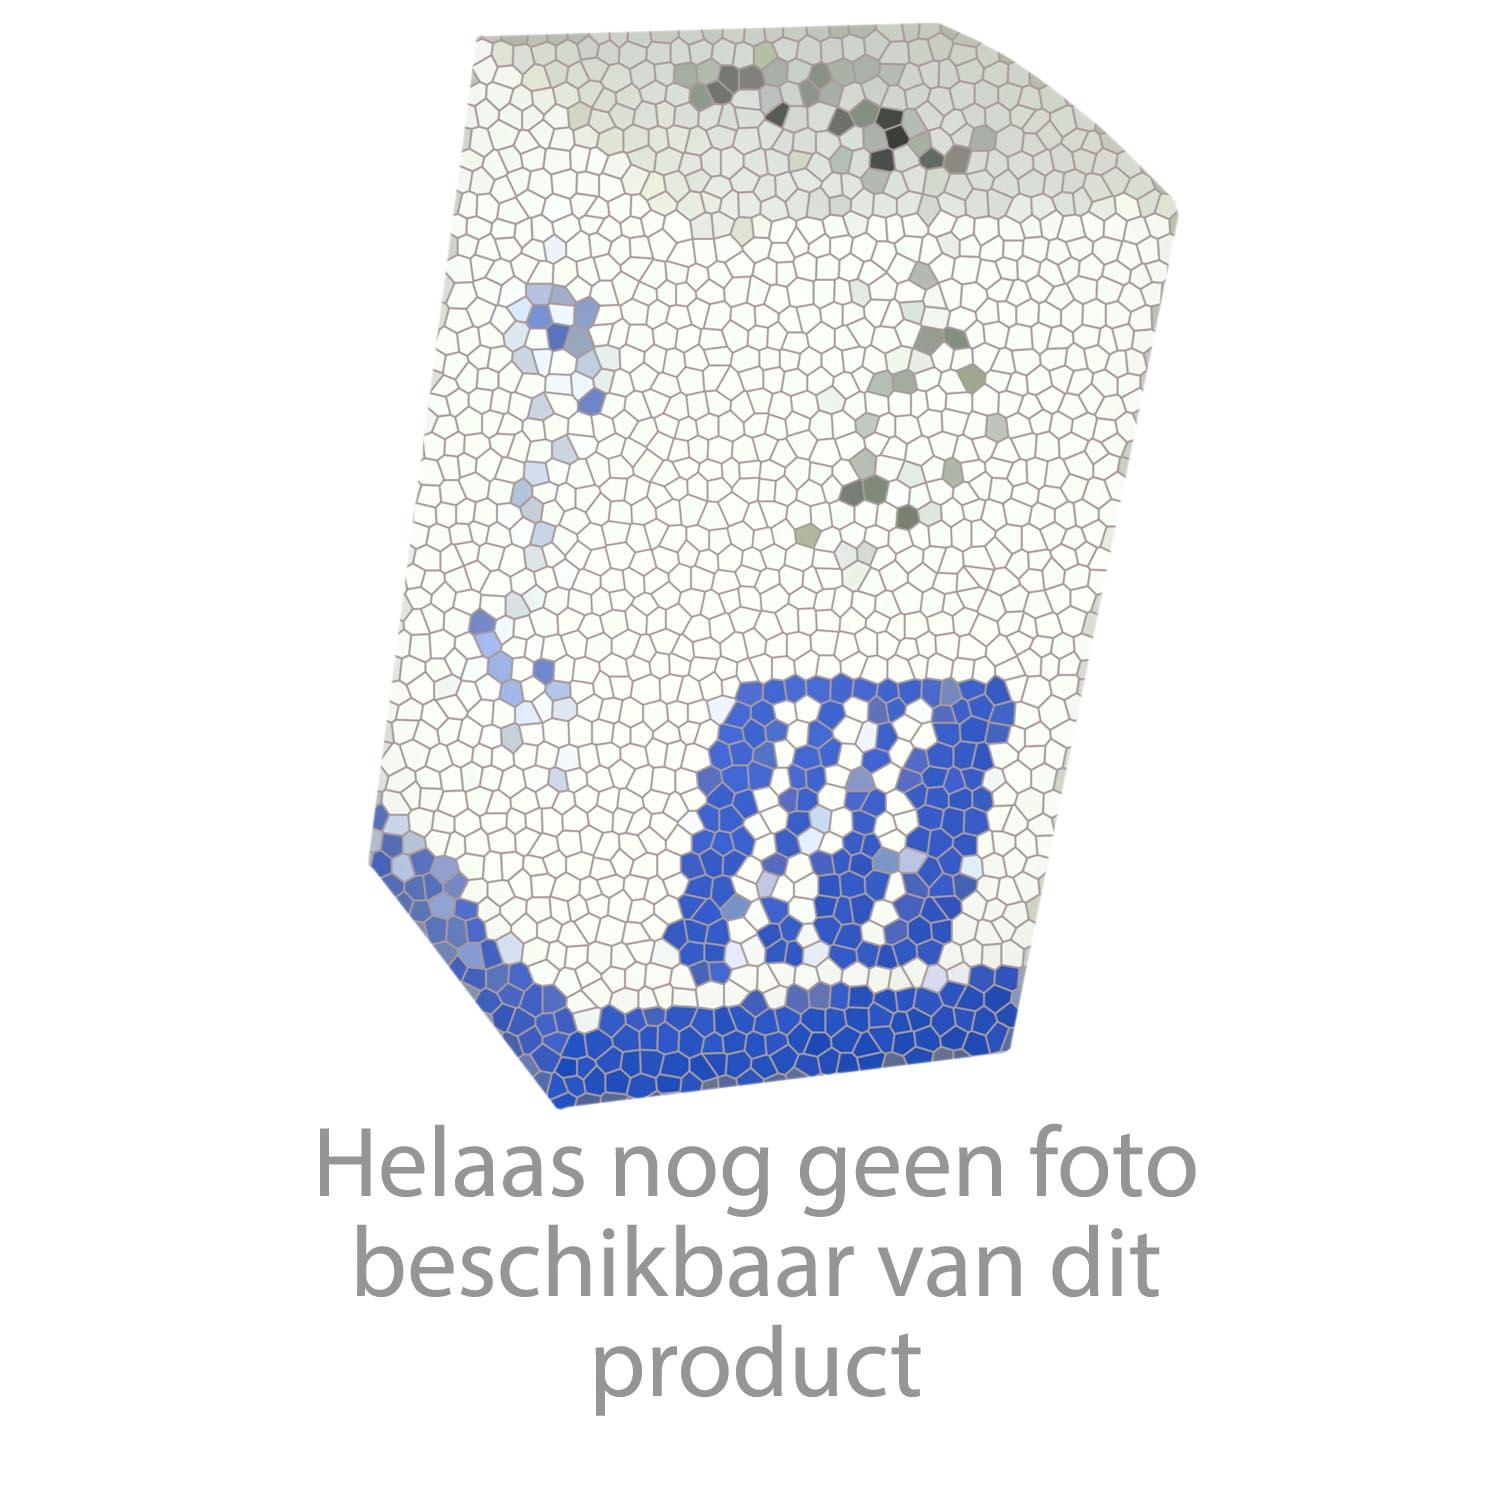 HansGrohe Afvoer- en overloopgarnituren Staro '90 productiejaar > 12/96 60054180 onderdelen